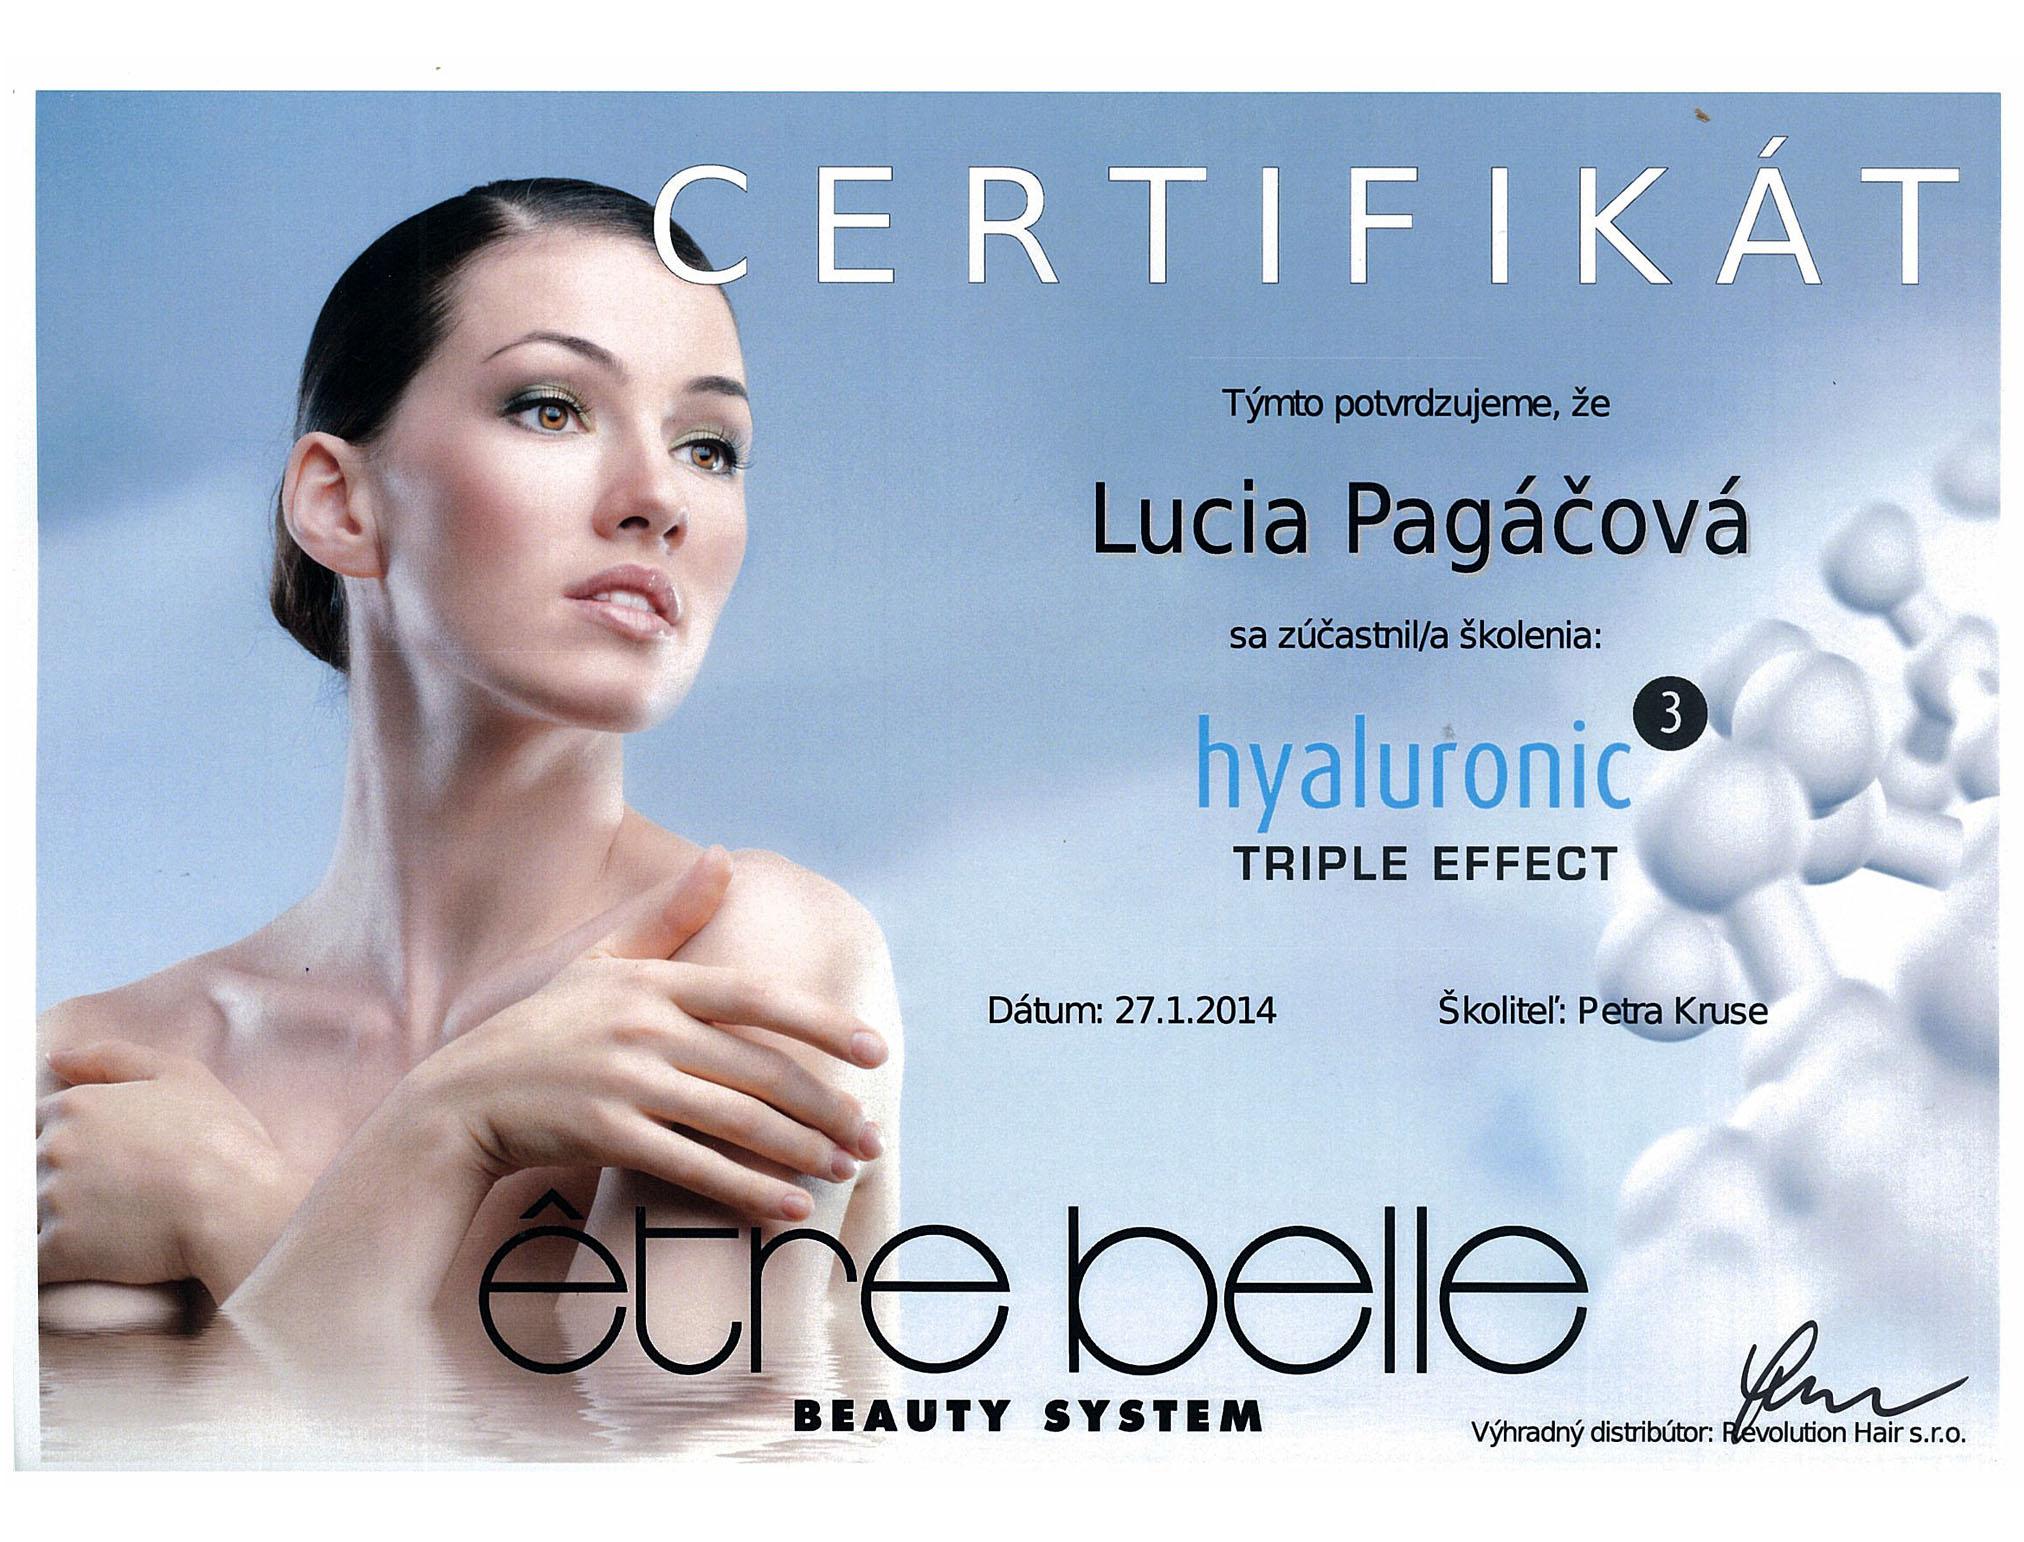 certifikat-hyaluric-bratislava